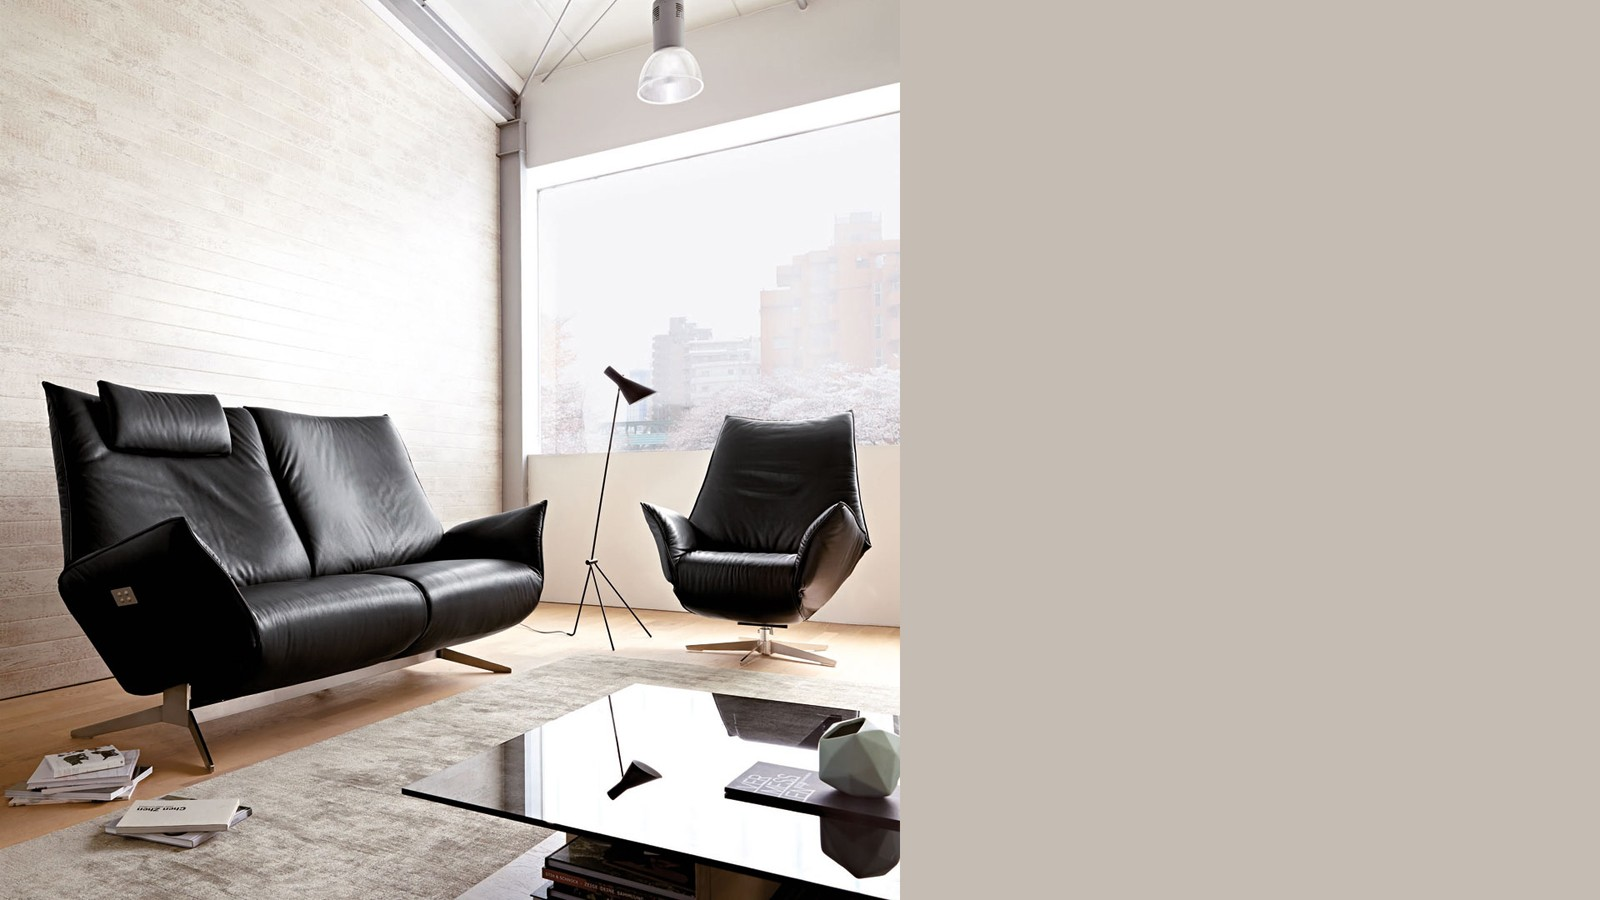 Canapea modernă Koinor Evita